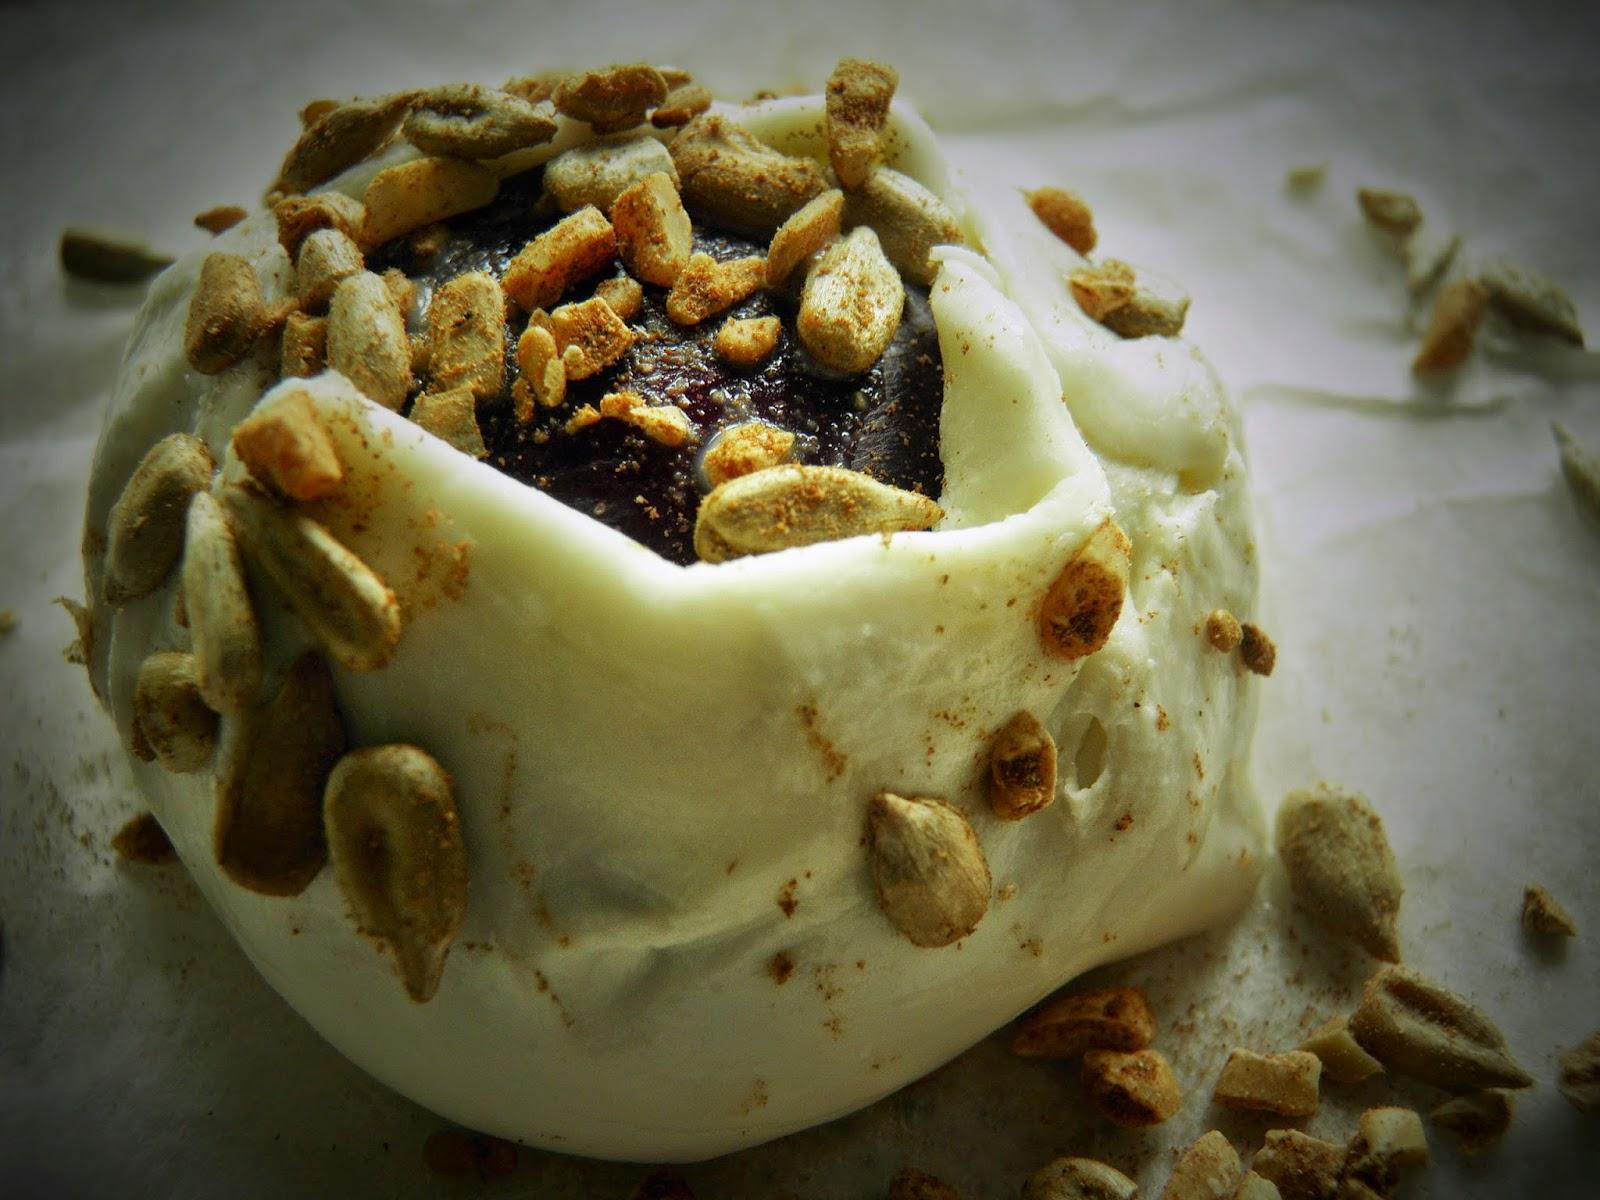 Ciasteczka ze śliwką i cynamonem - przygotowanie 3